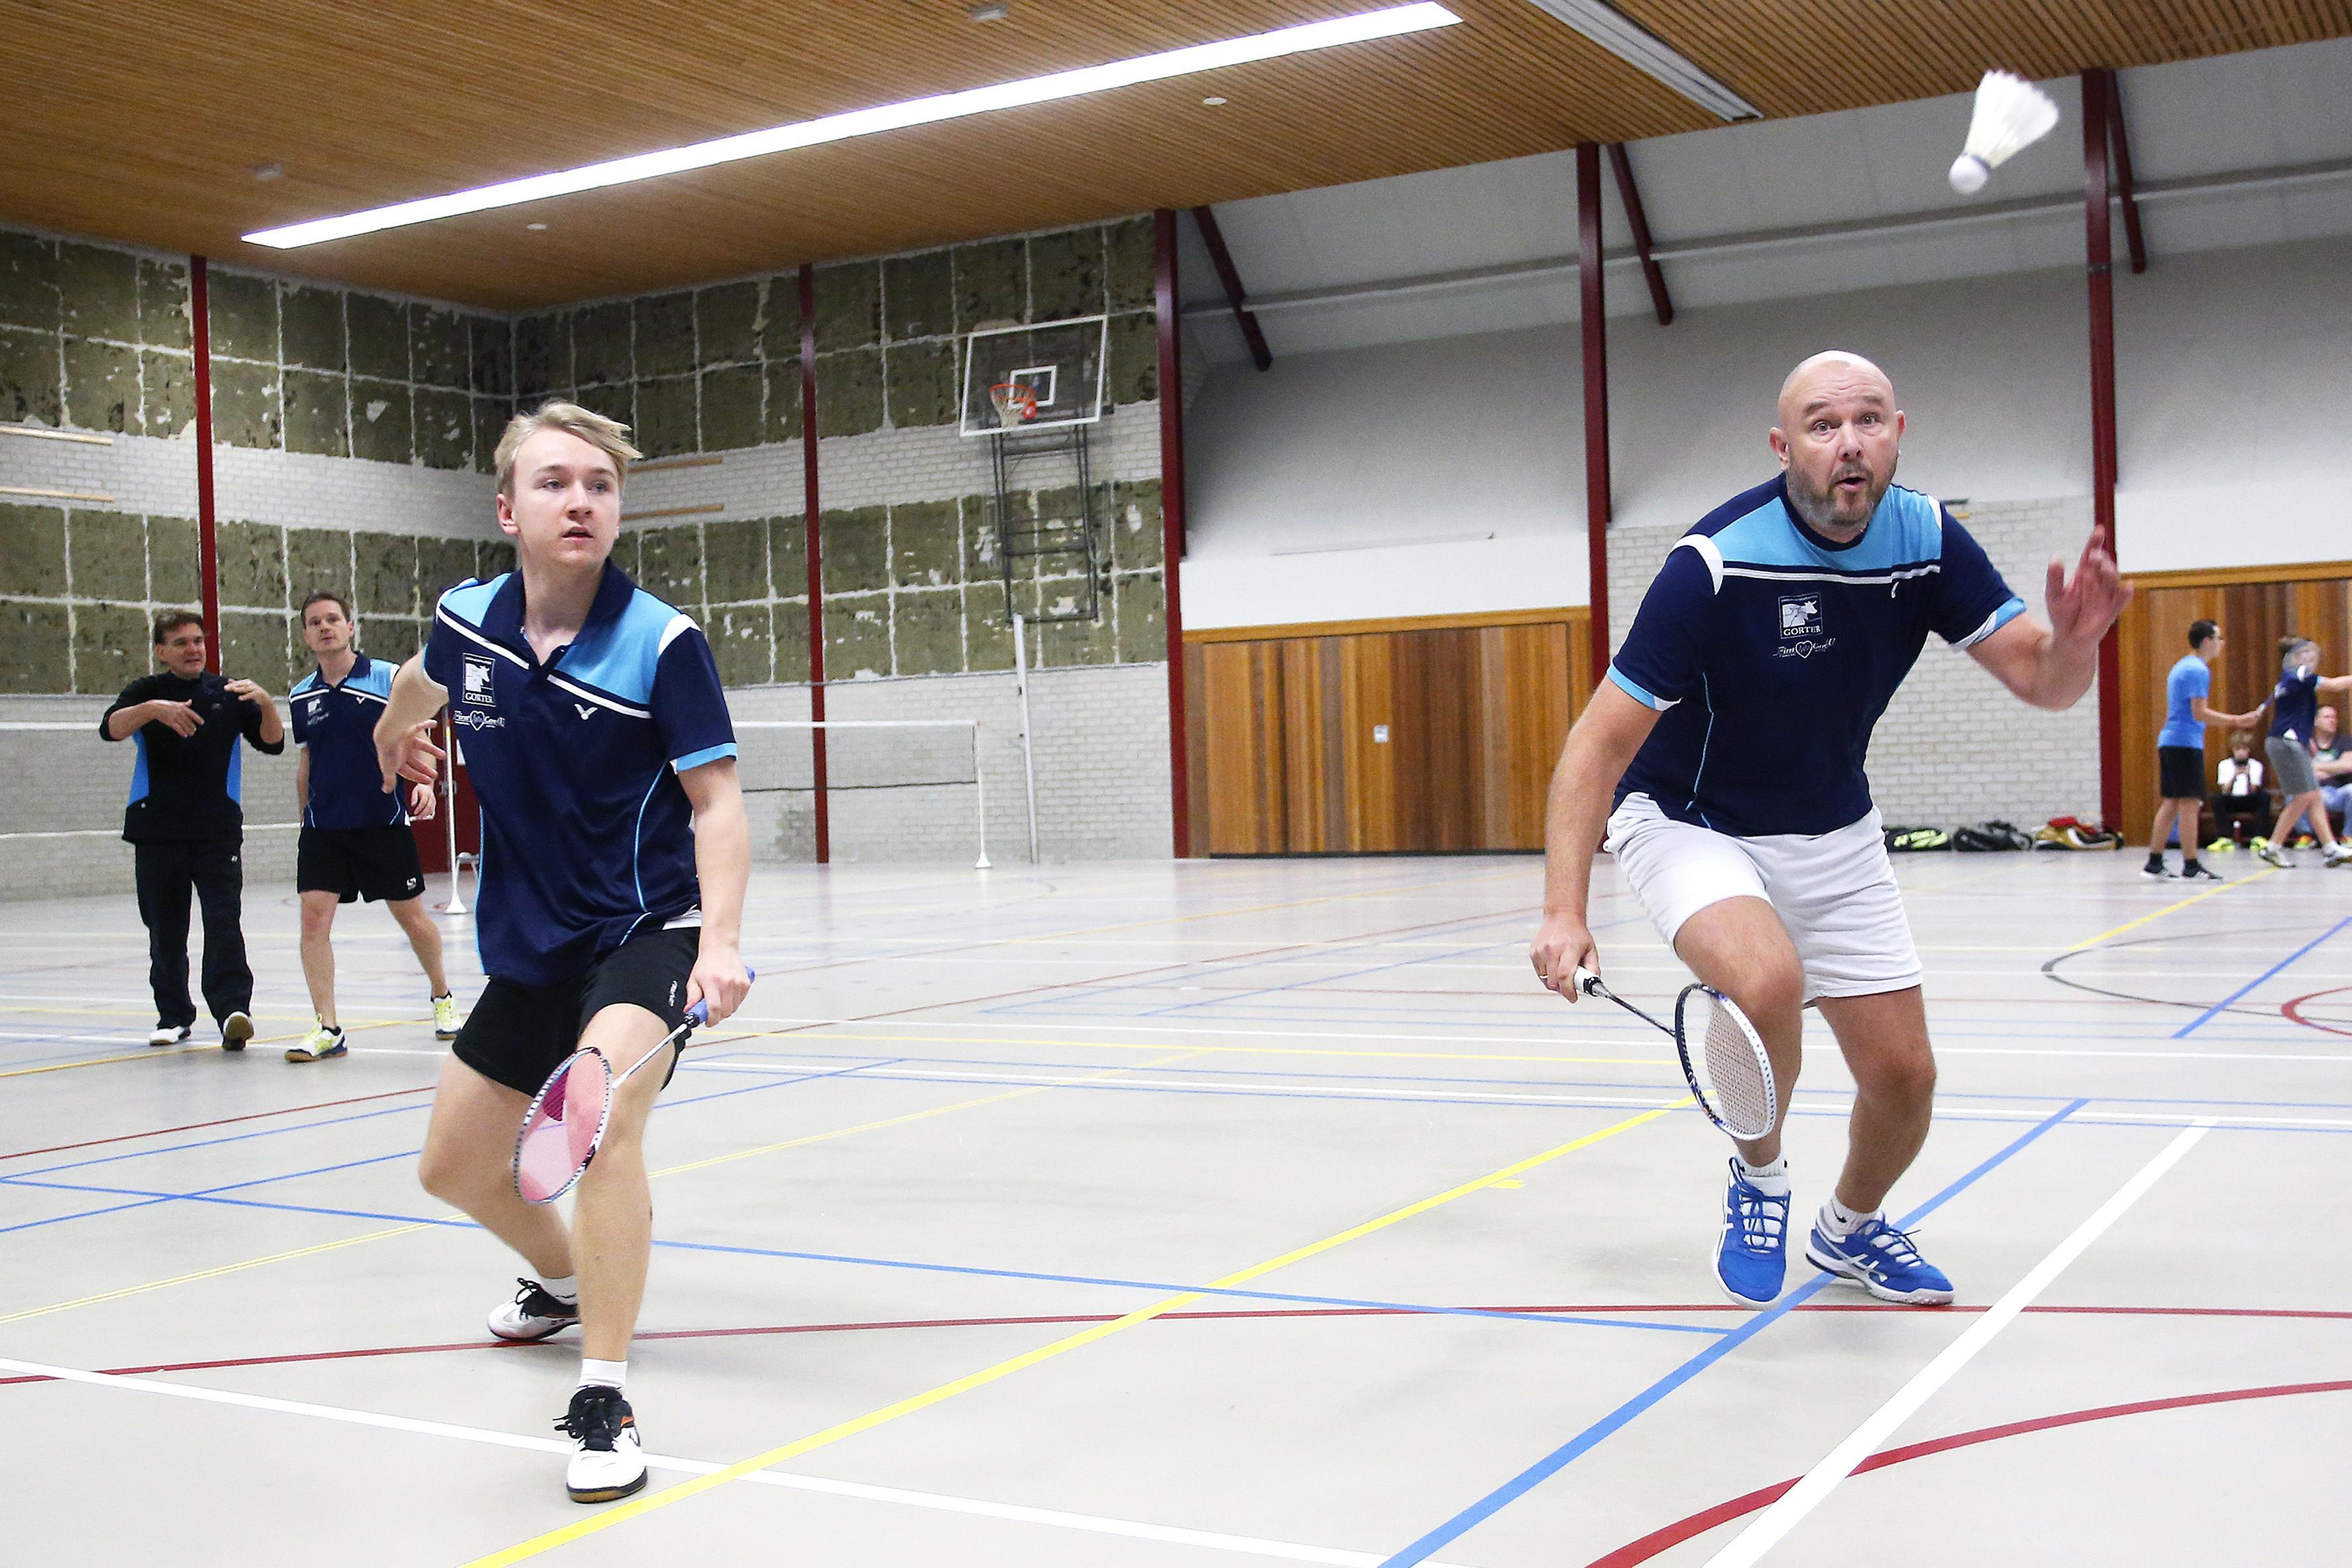 Badminton: Inside klopt Iduna twee keer in een weekend, Weesp laat promotie varen